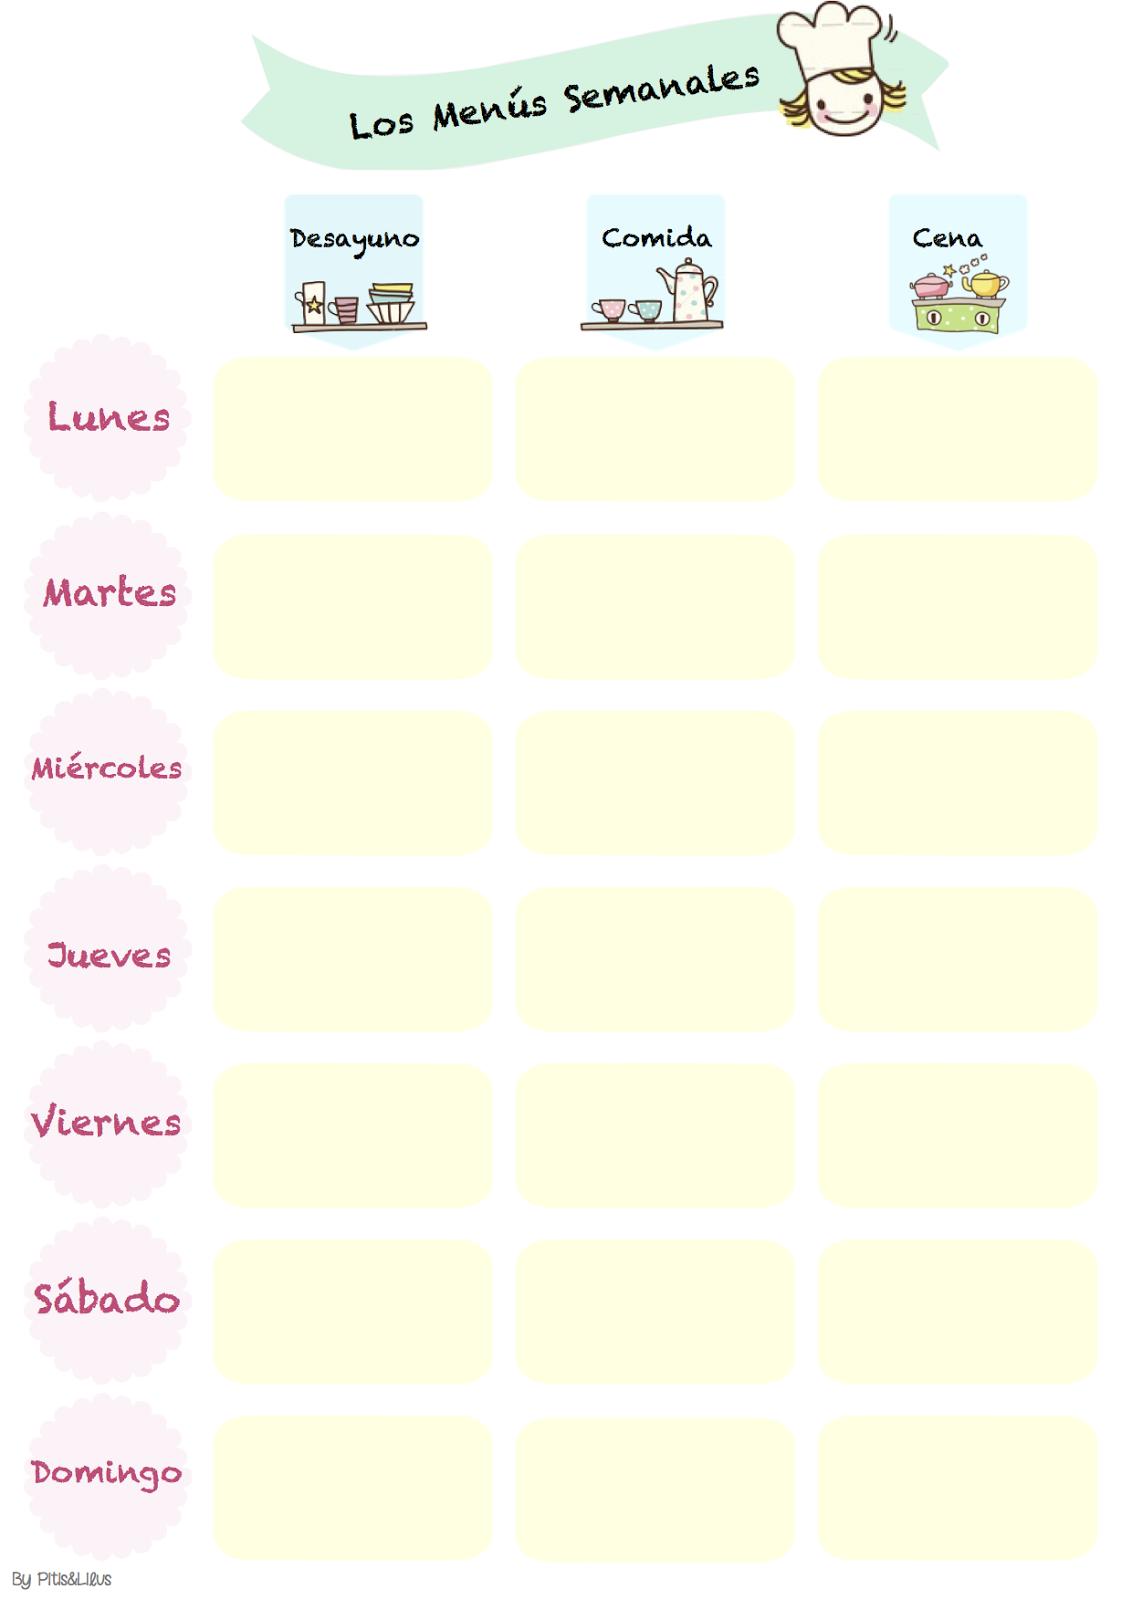 Imprimible para organizar el men semanal f cil y for Organizar comida semanal